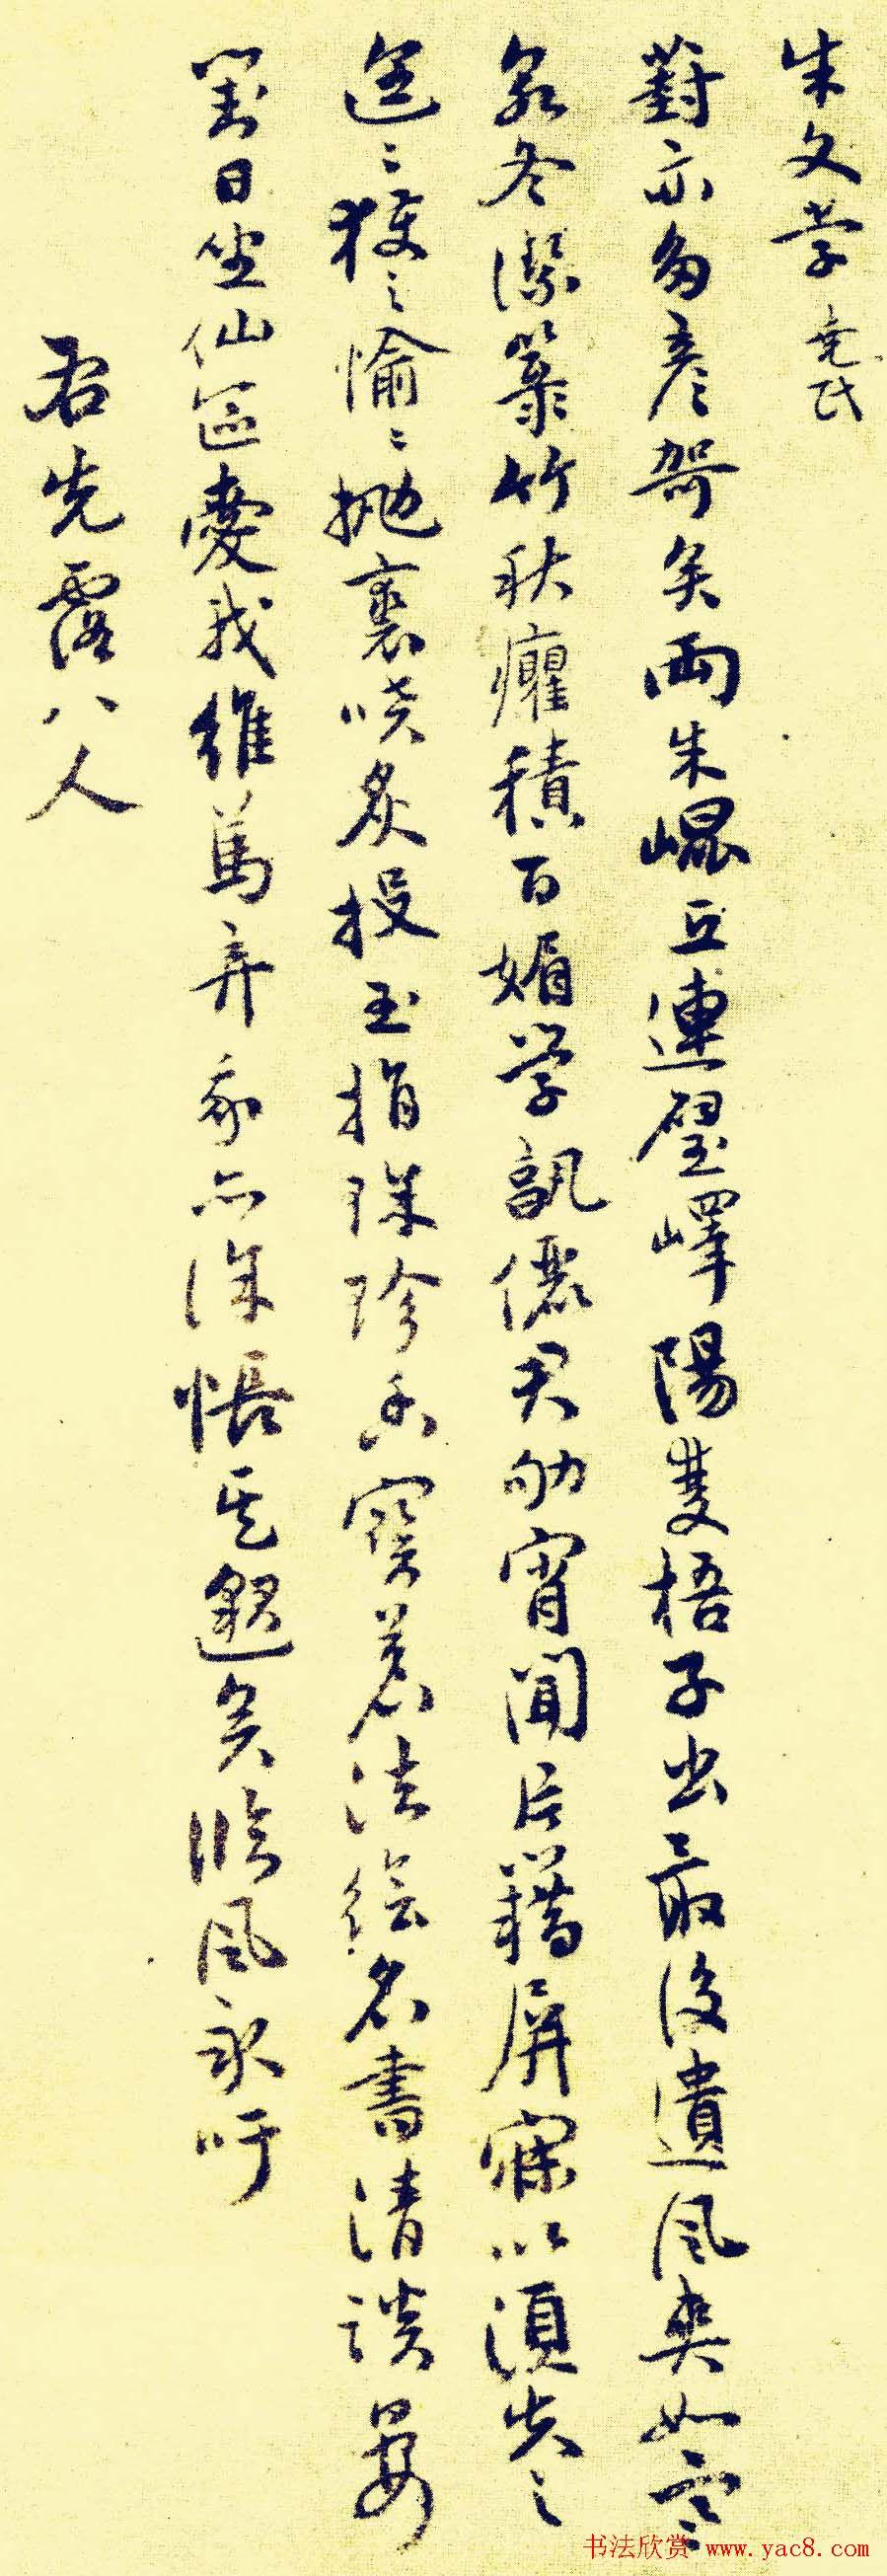 祝允明行草书法欣赏《苏台八咏小词》